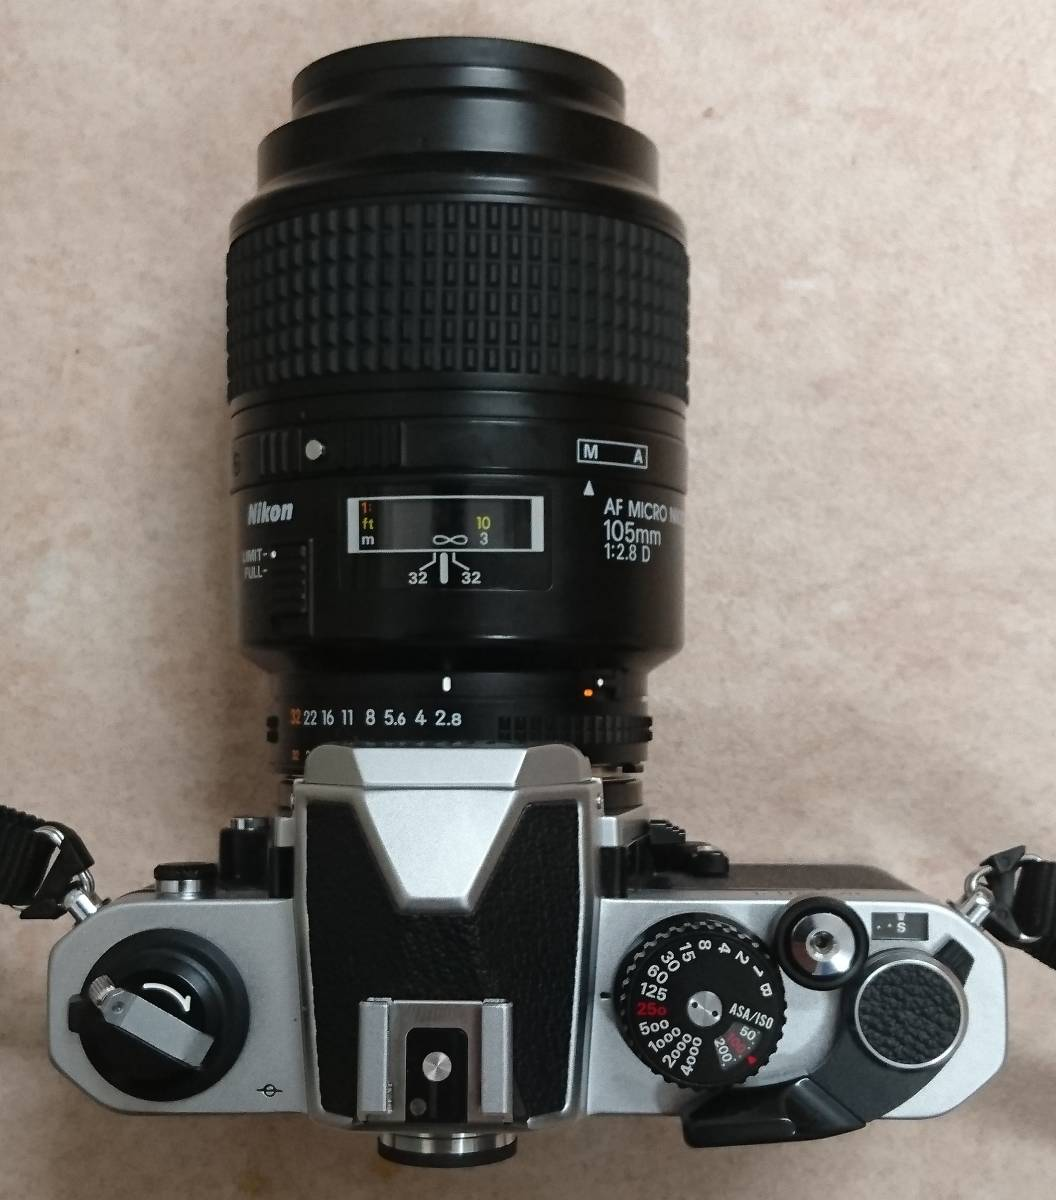 ◇ Nikon ニコン FM2 AF MICRO NIKKOR 105㎜ 1:2.8 D ジャンク ◇_画像4